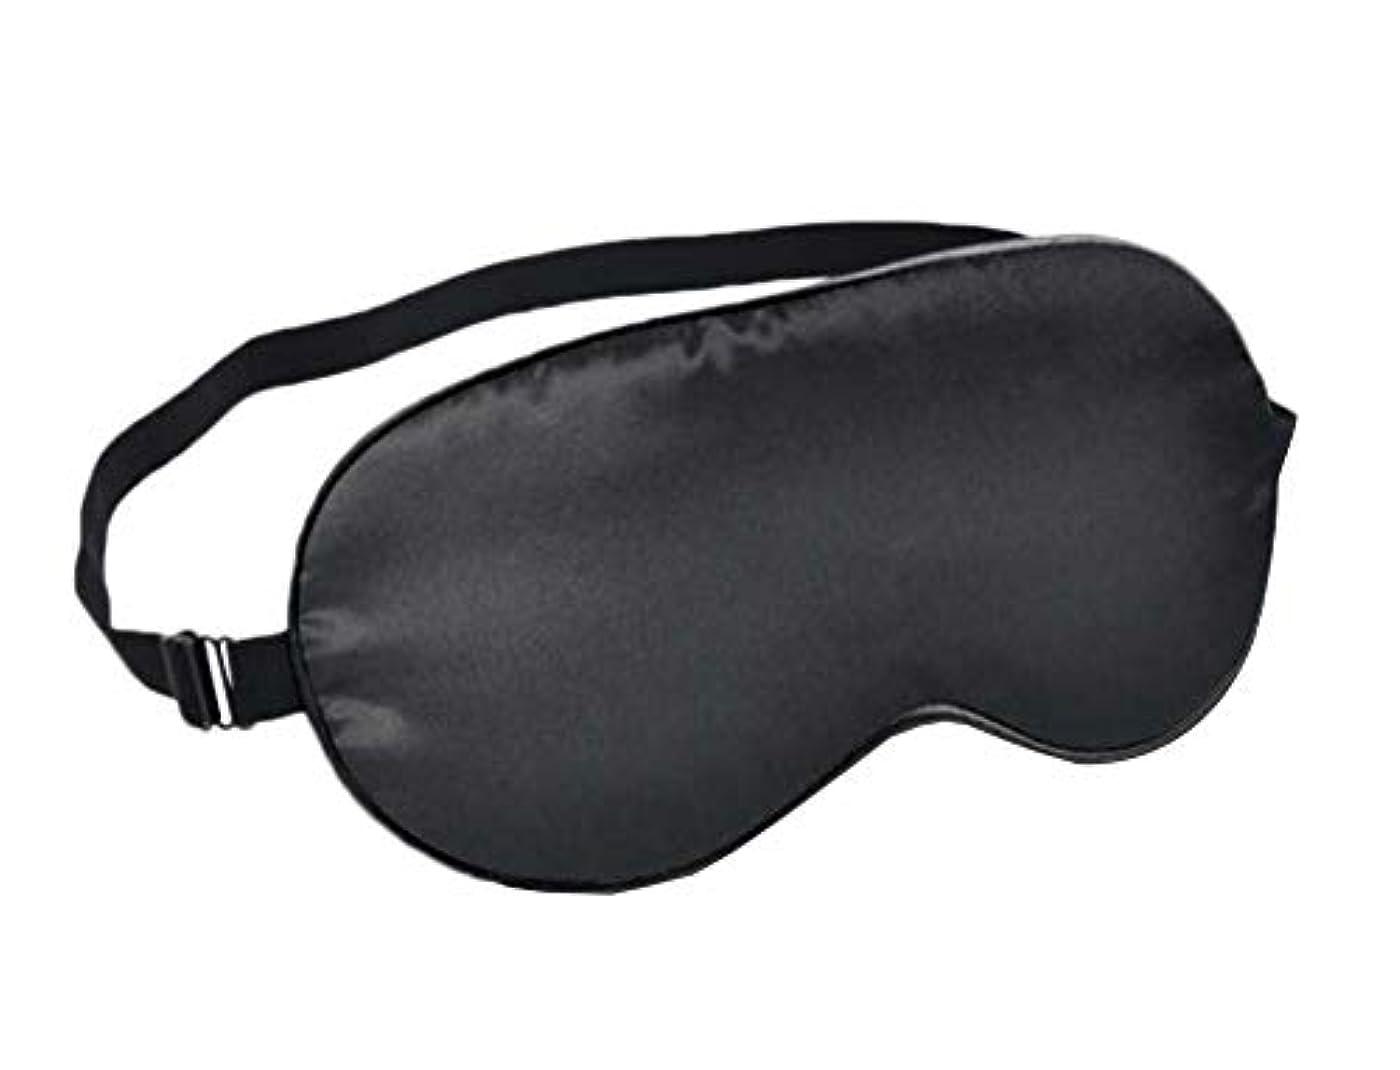 省略メロディアス恐ろしいです子供たちシルク睡眠アイマスク睡眠のソフトアイマスク - 14